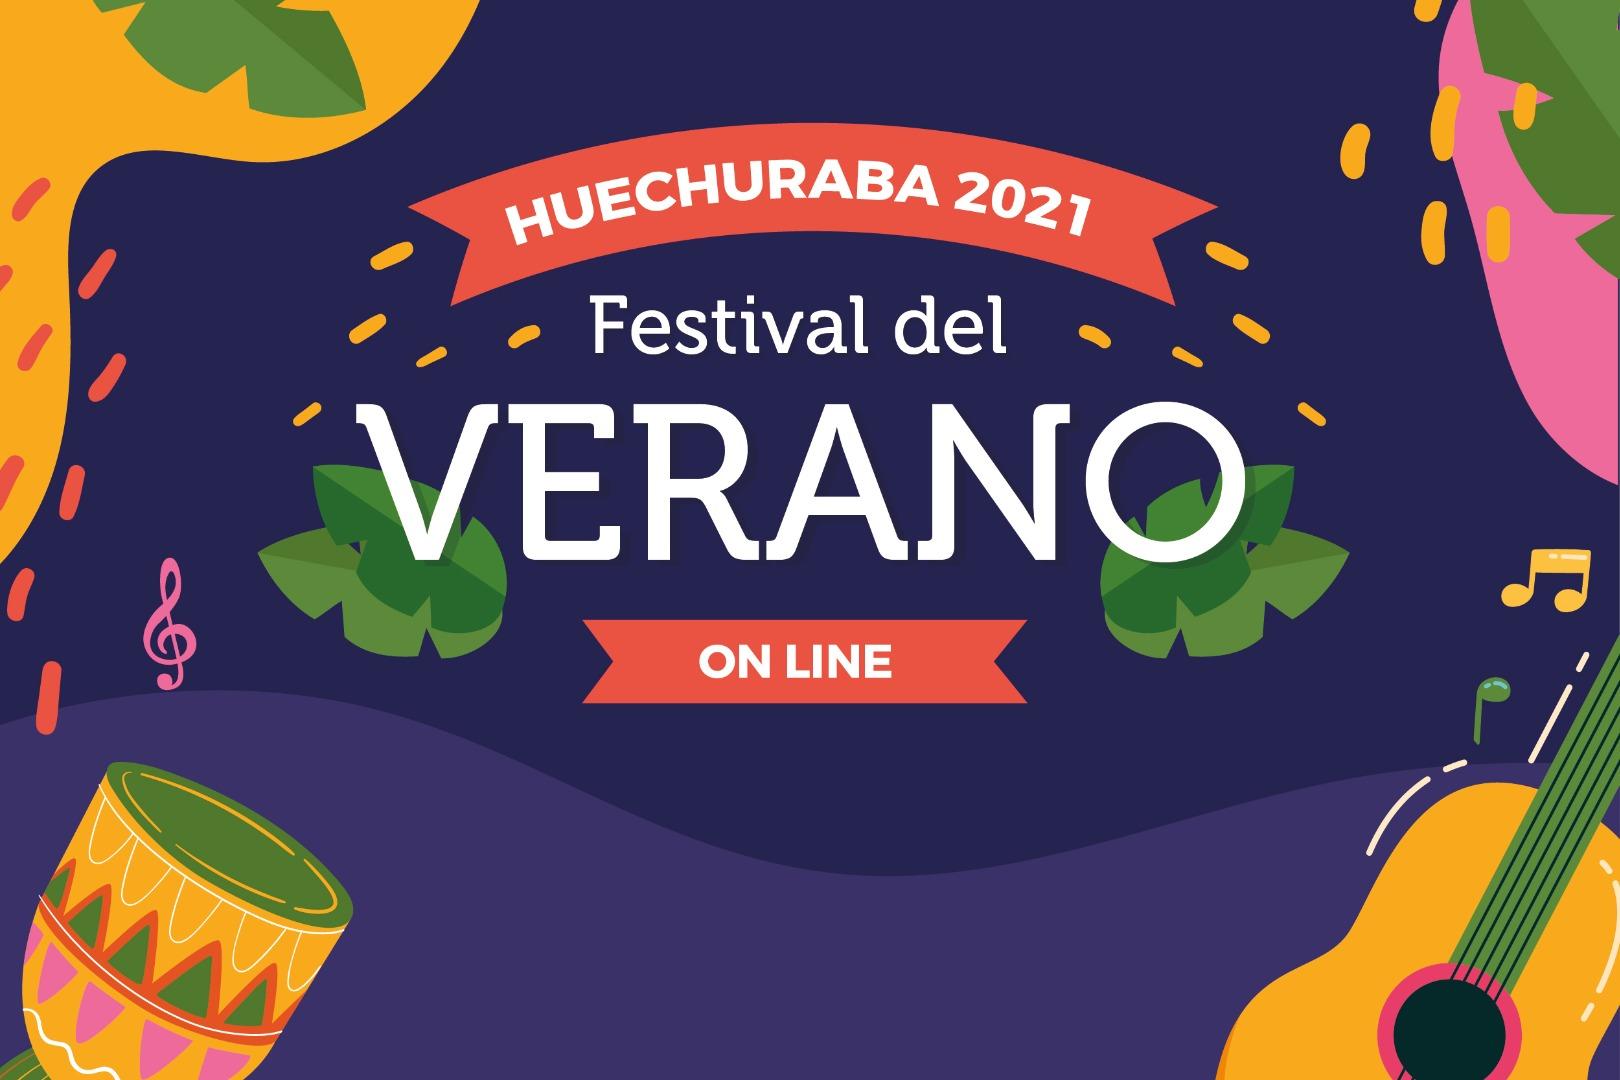 Festival del Verano